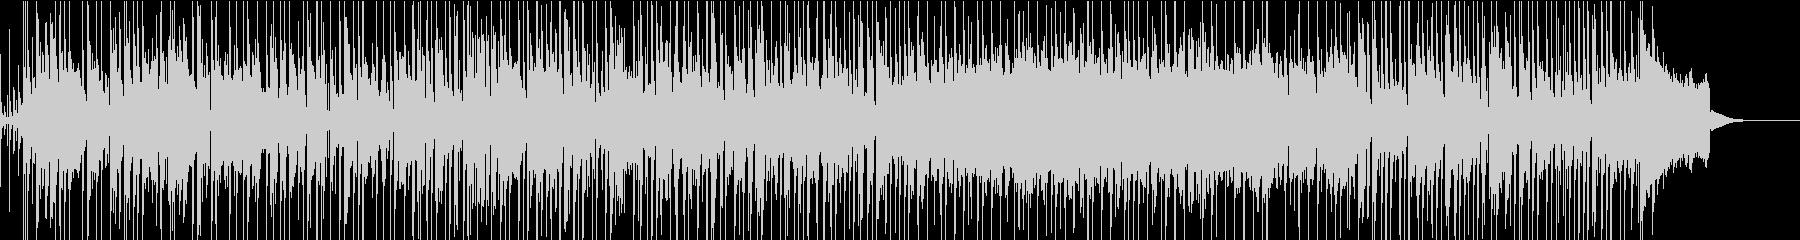 ラジオで流れそうなカリフォルニアポップスの未再生の波形